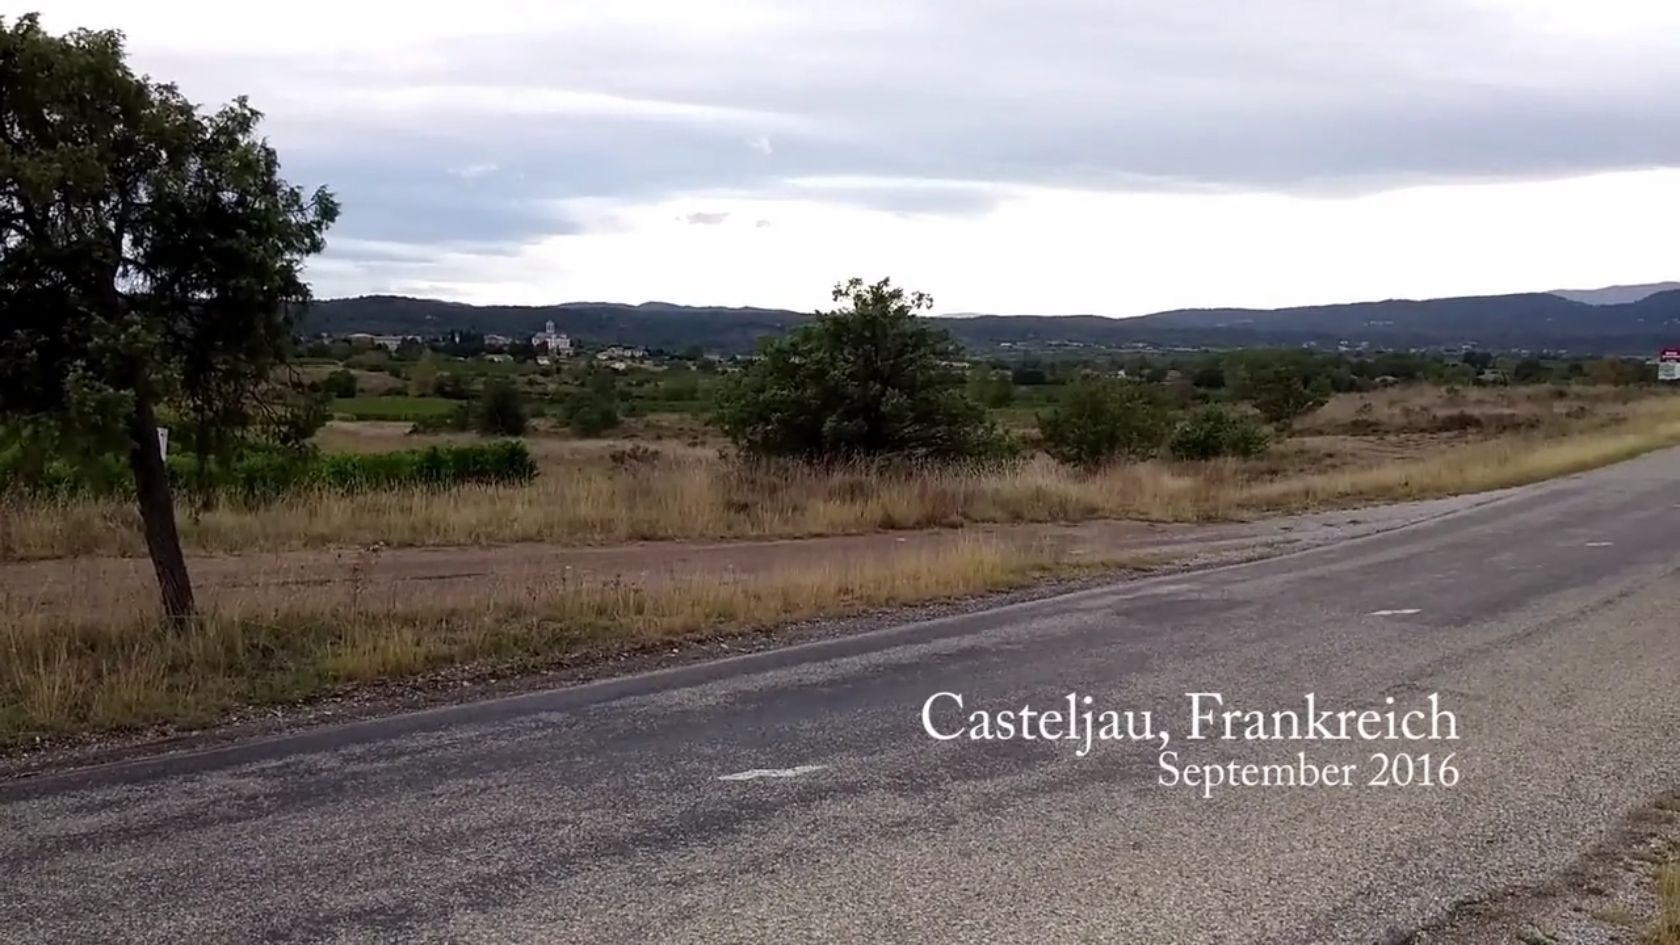 Film über Südfrankreich Urlaub September 2016